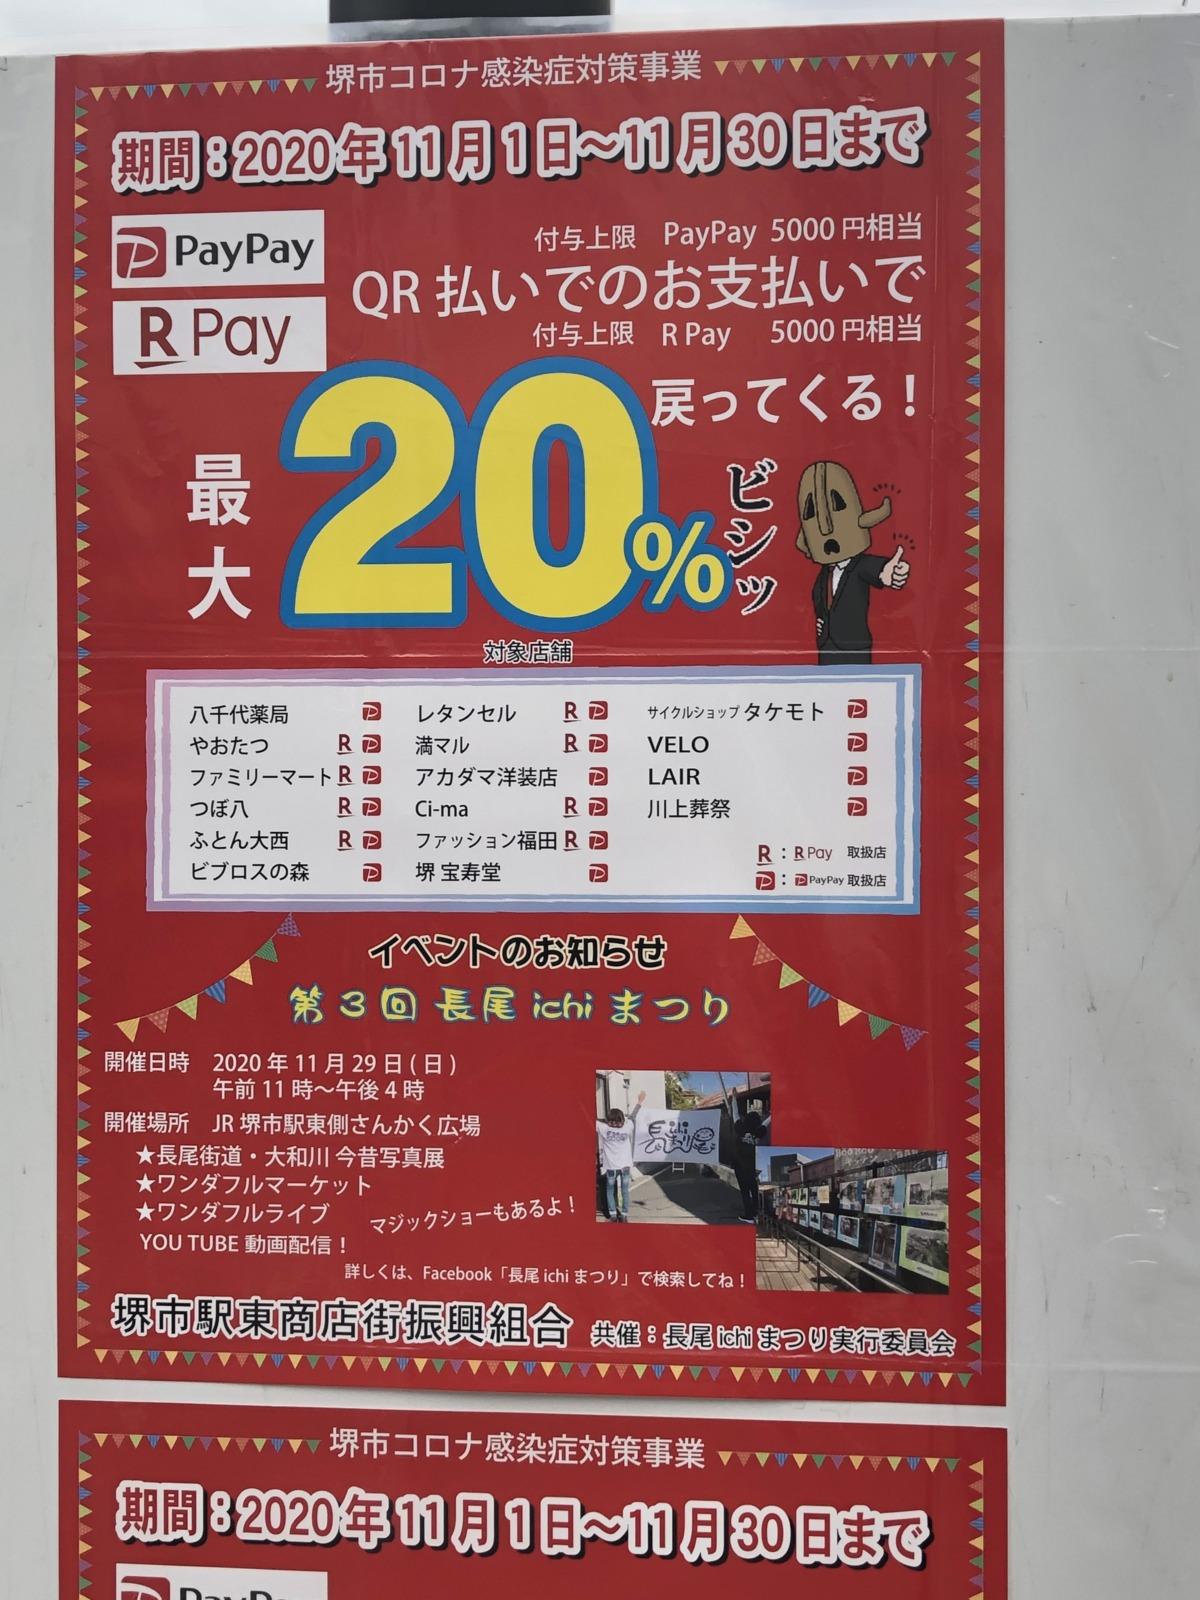 【2020.11/29(日)開催】キャッシュレス決済でポイント還元キャンペーンも実施中☆JR堺市駅前の商店街で『第3回長尾ichiまつり』開催されます!!: